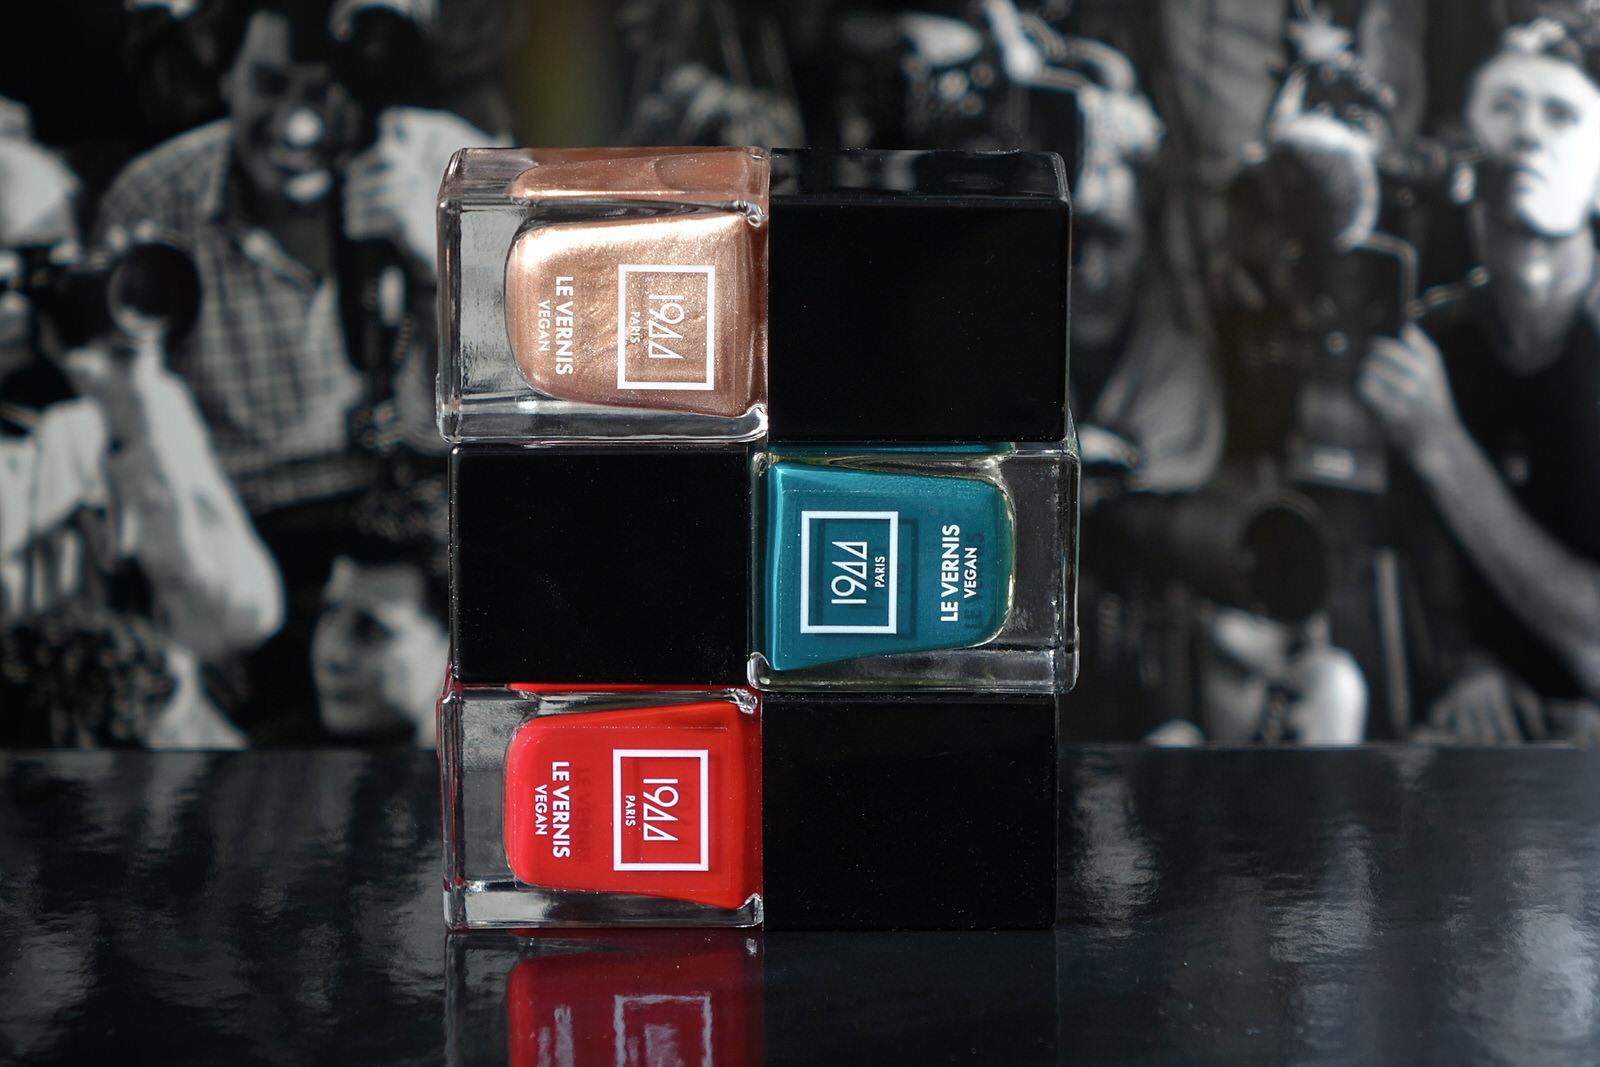 Les nouvelles teintes de vernis à ongles 1944 Paris